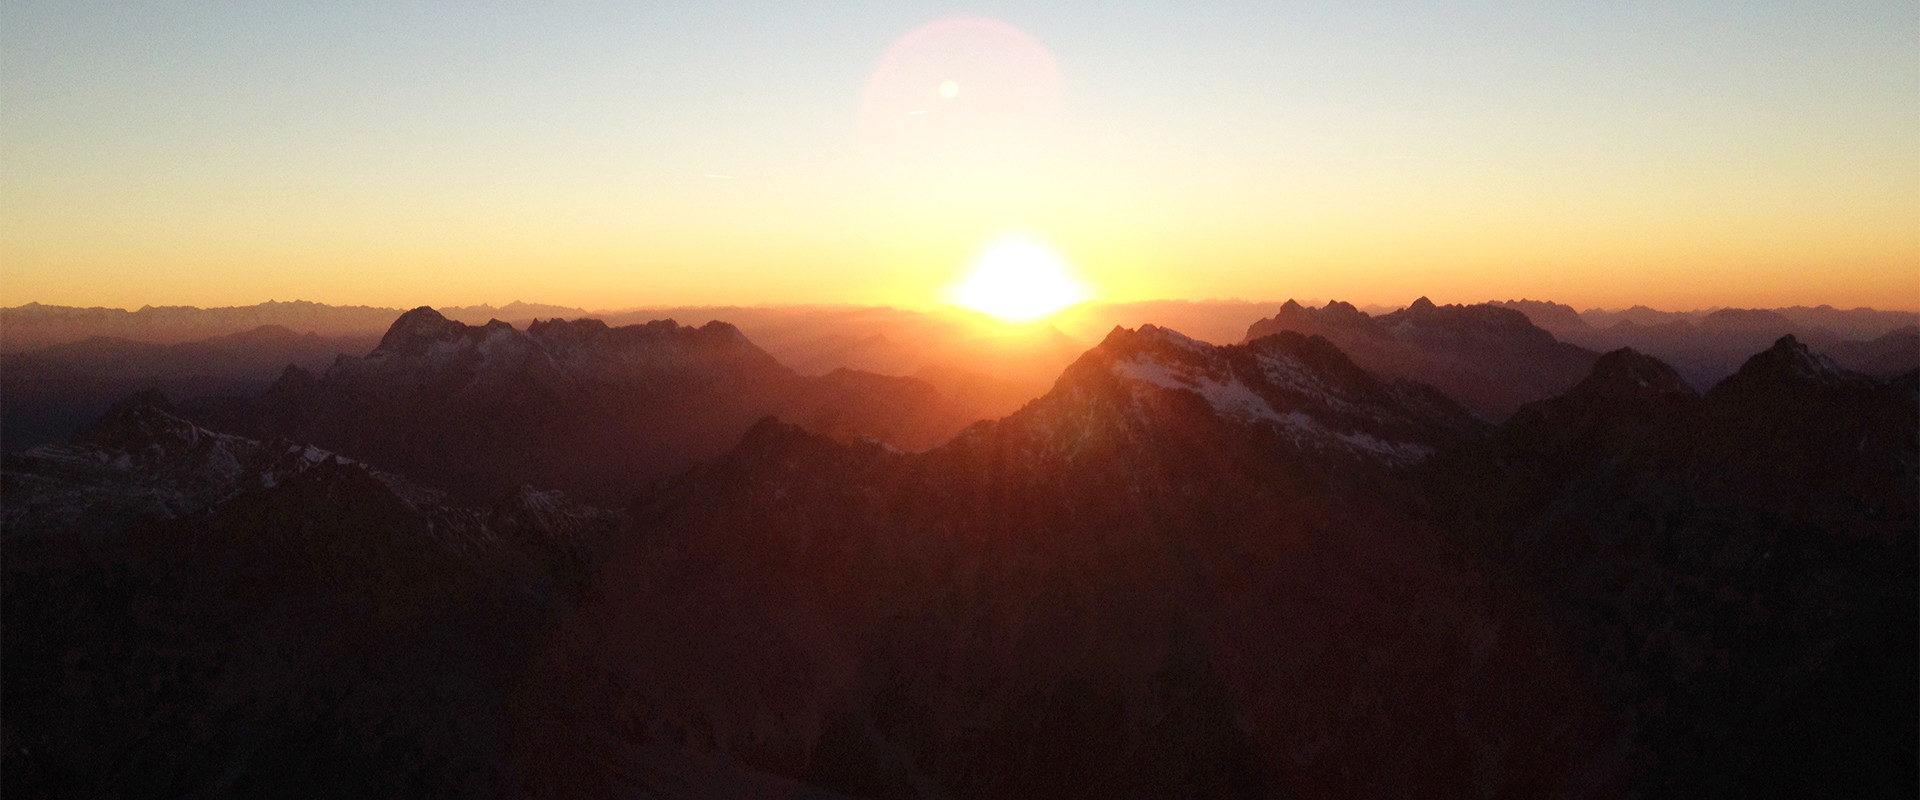 Sonnenuntergang bei einer Bergtour von Martin Pühringer.